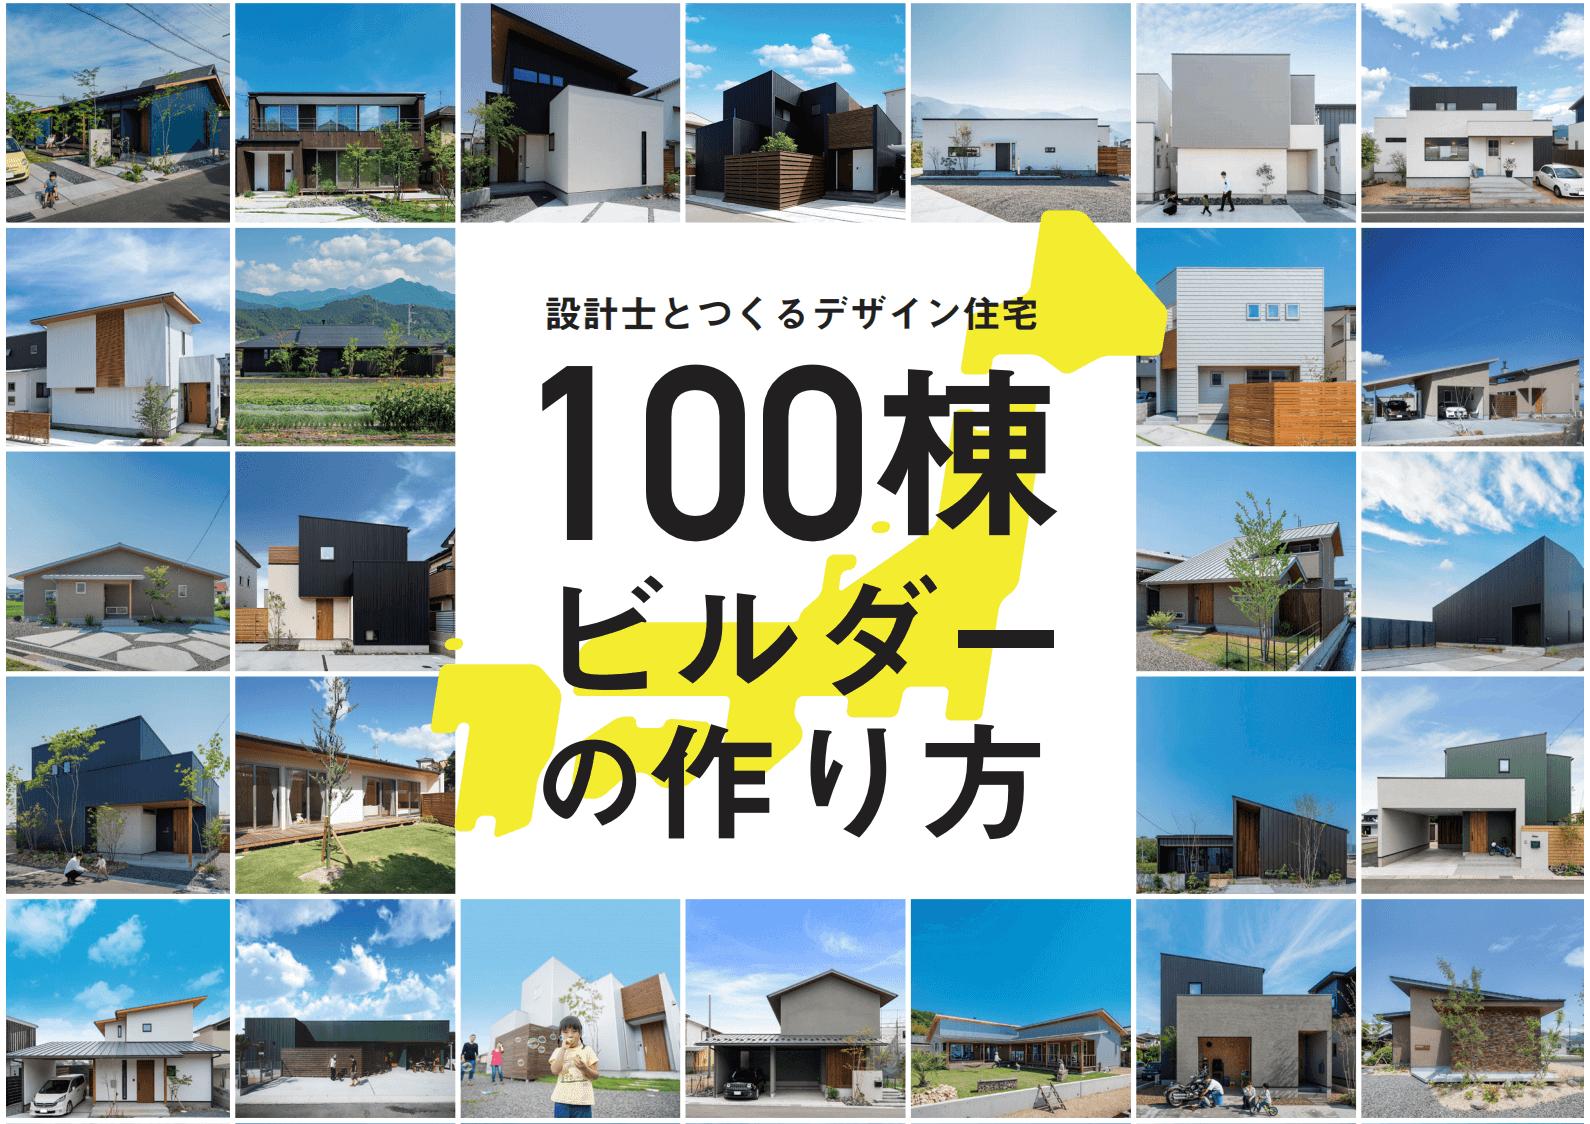 2020年12月2日全国大会フォーラム「100棟ビルダーの作り方」